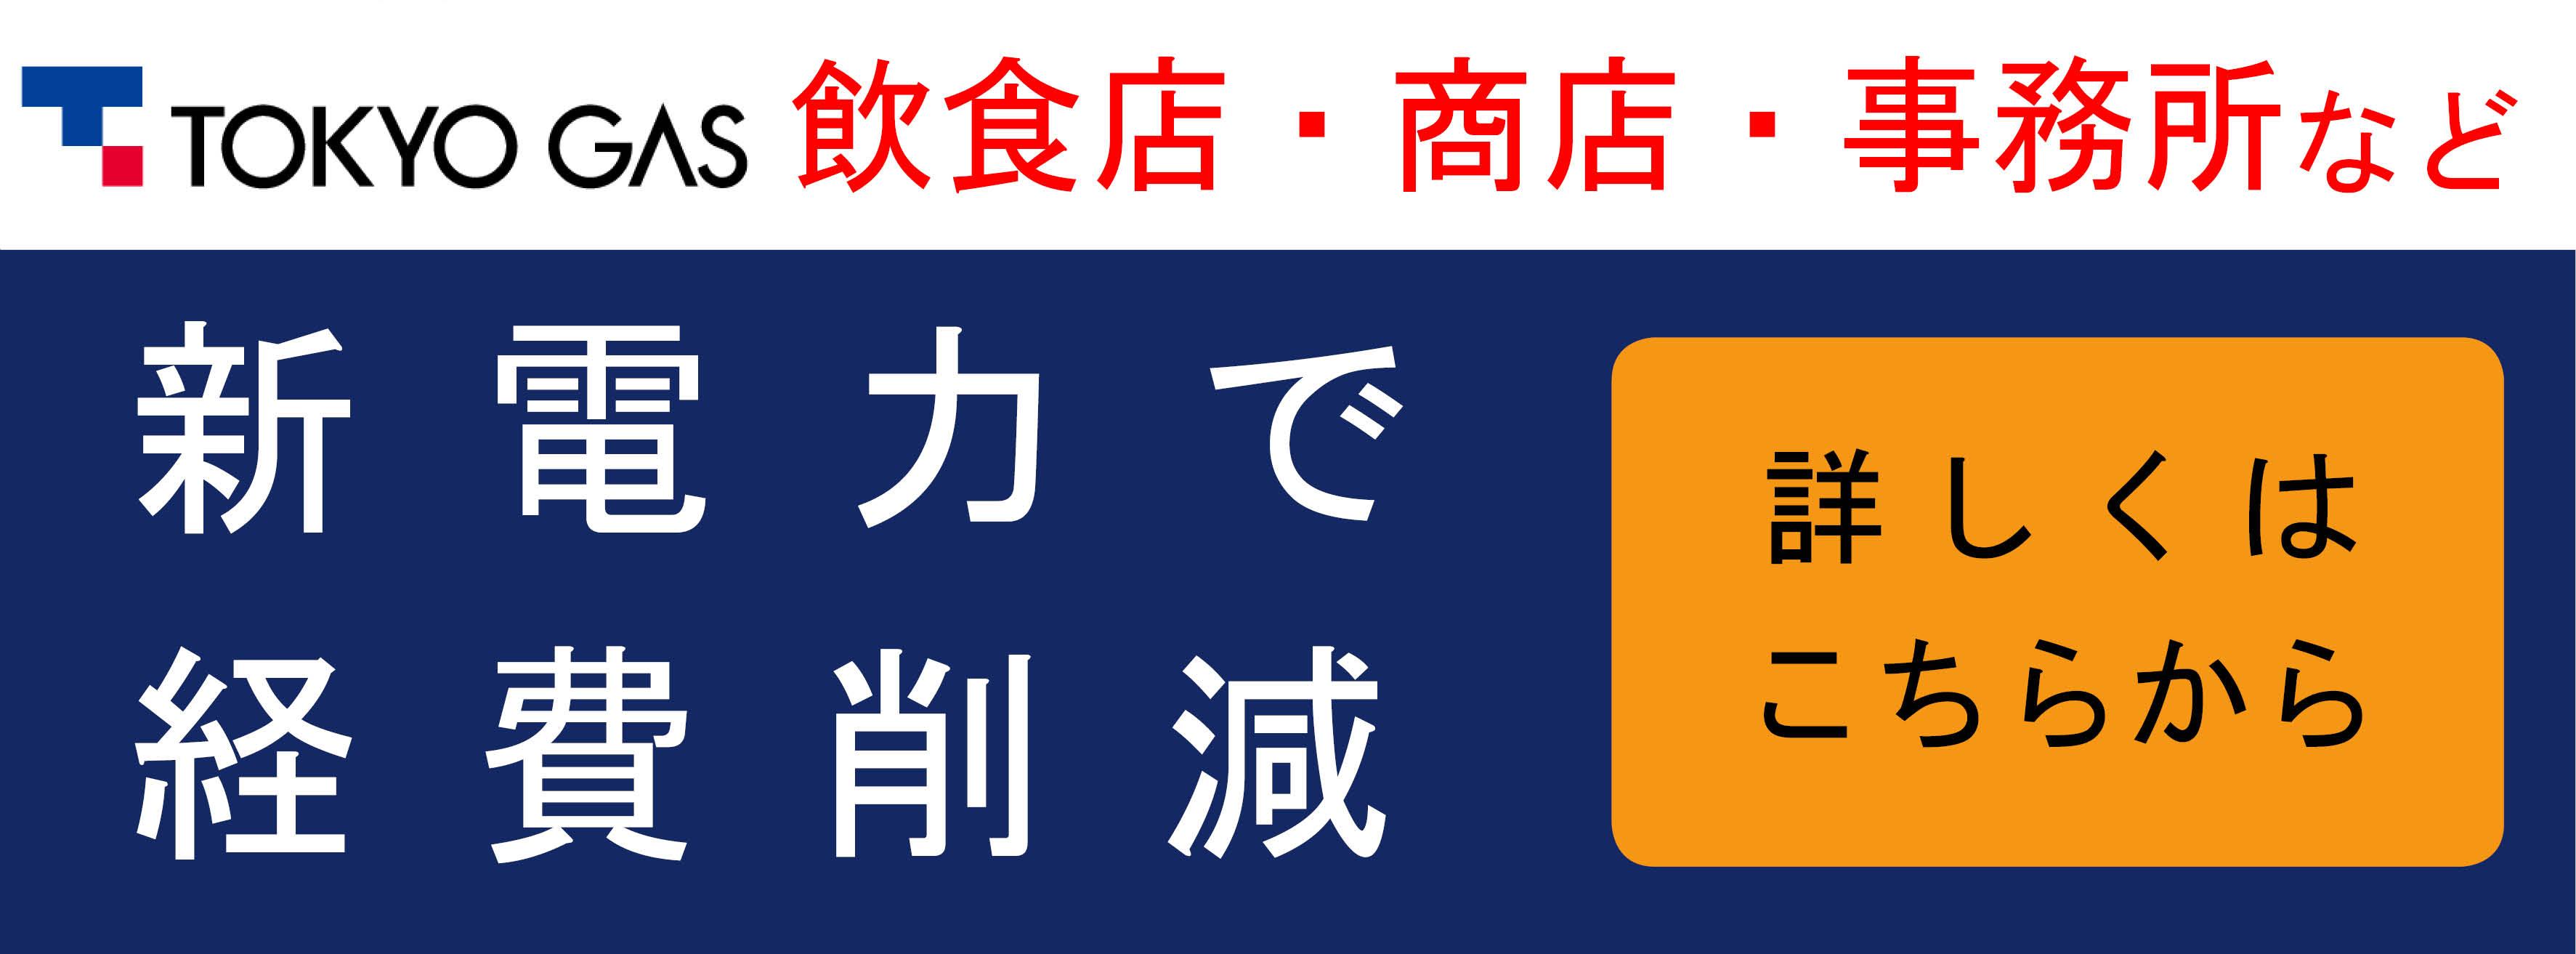 5.東京ガスバナー